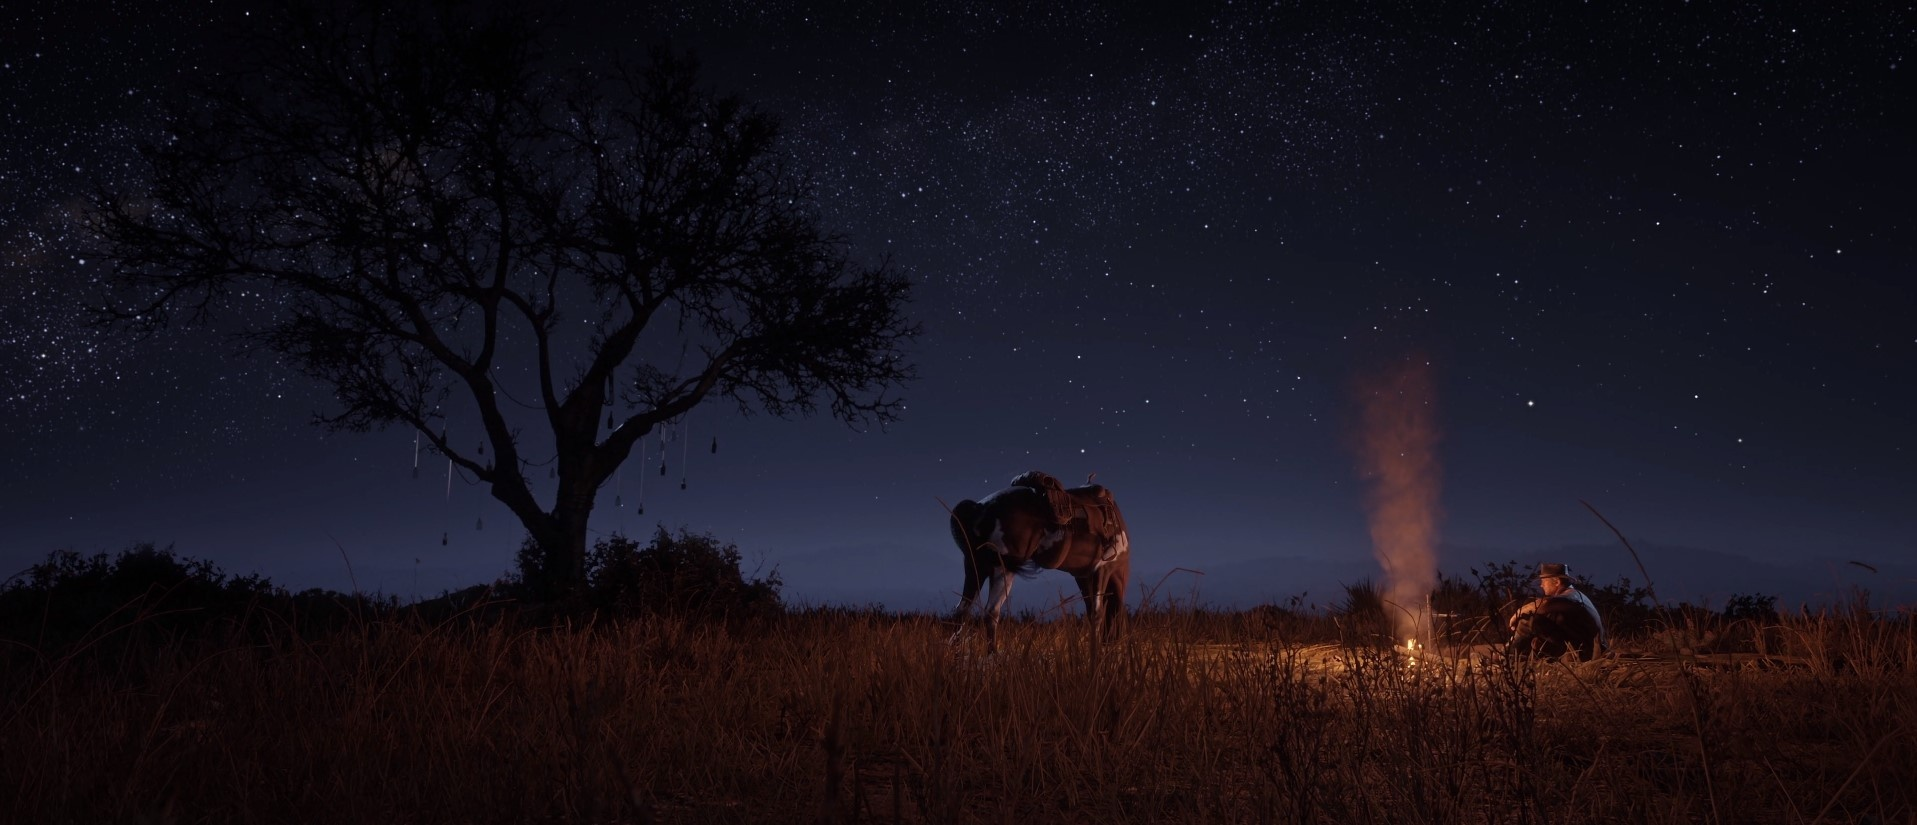 Rockstar показала первый трейлер РС-версии Red Dead Redemption2 — в 4К при 60 FPS